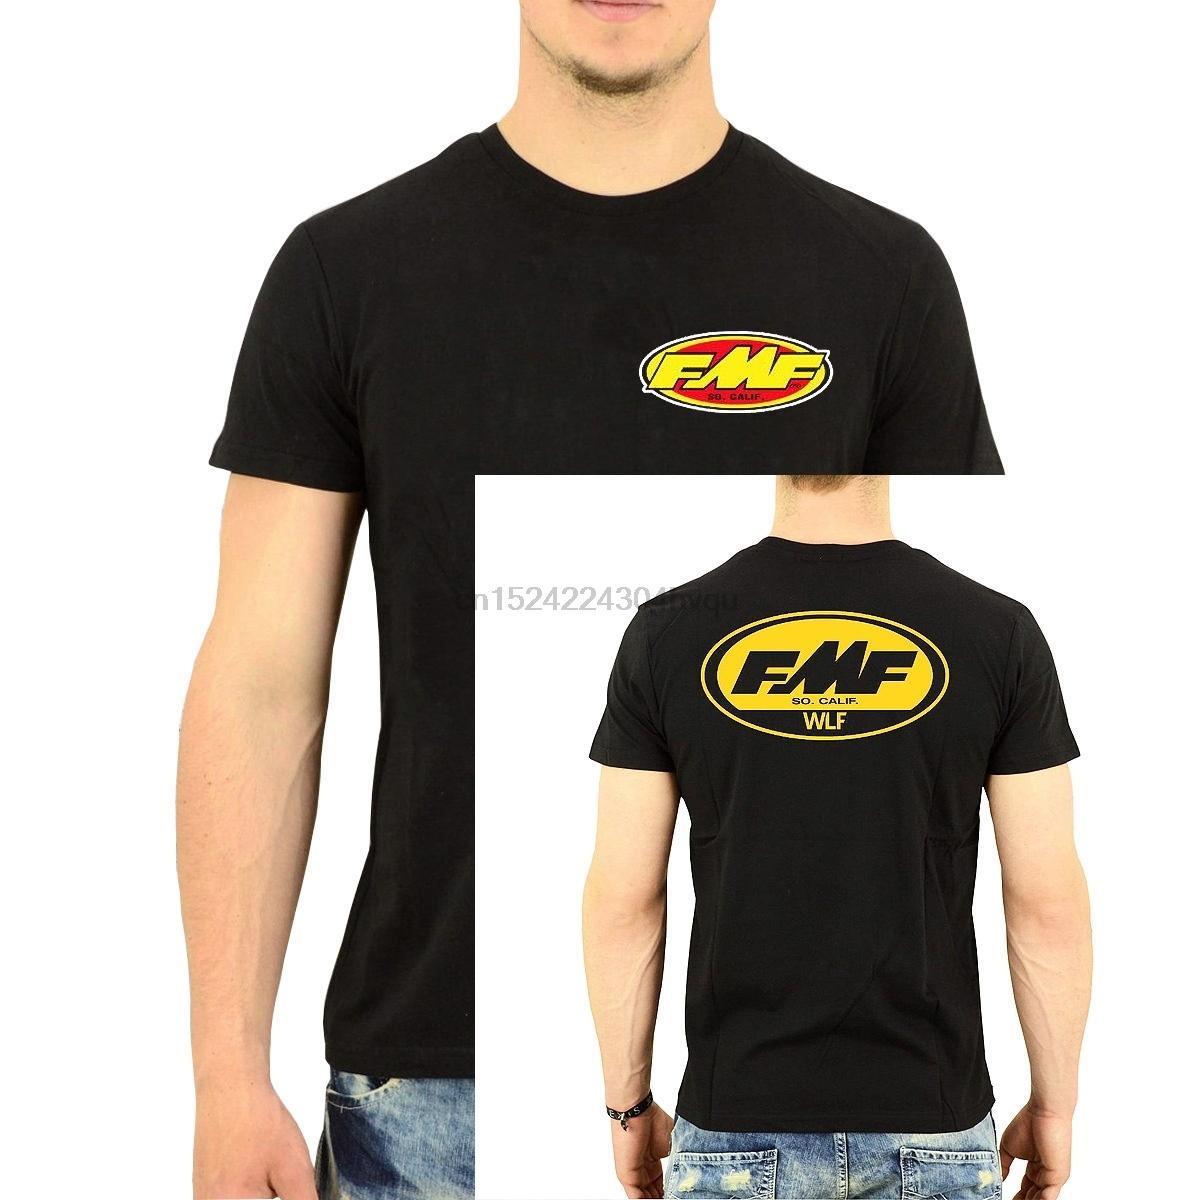 Fmf Racer Wlf Fmf Racer Wlf Racer-T-Shirt der Männer Rundhals Baumwolle Art und Weise kühle Tops Cotton T Shirts Frauen-T-Shirt